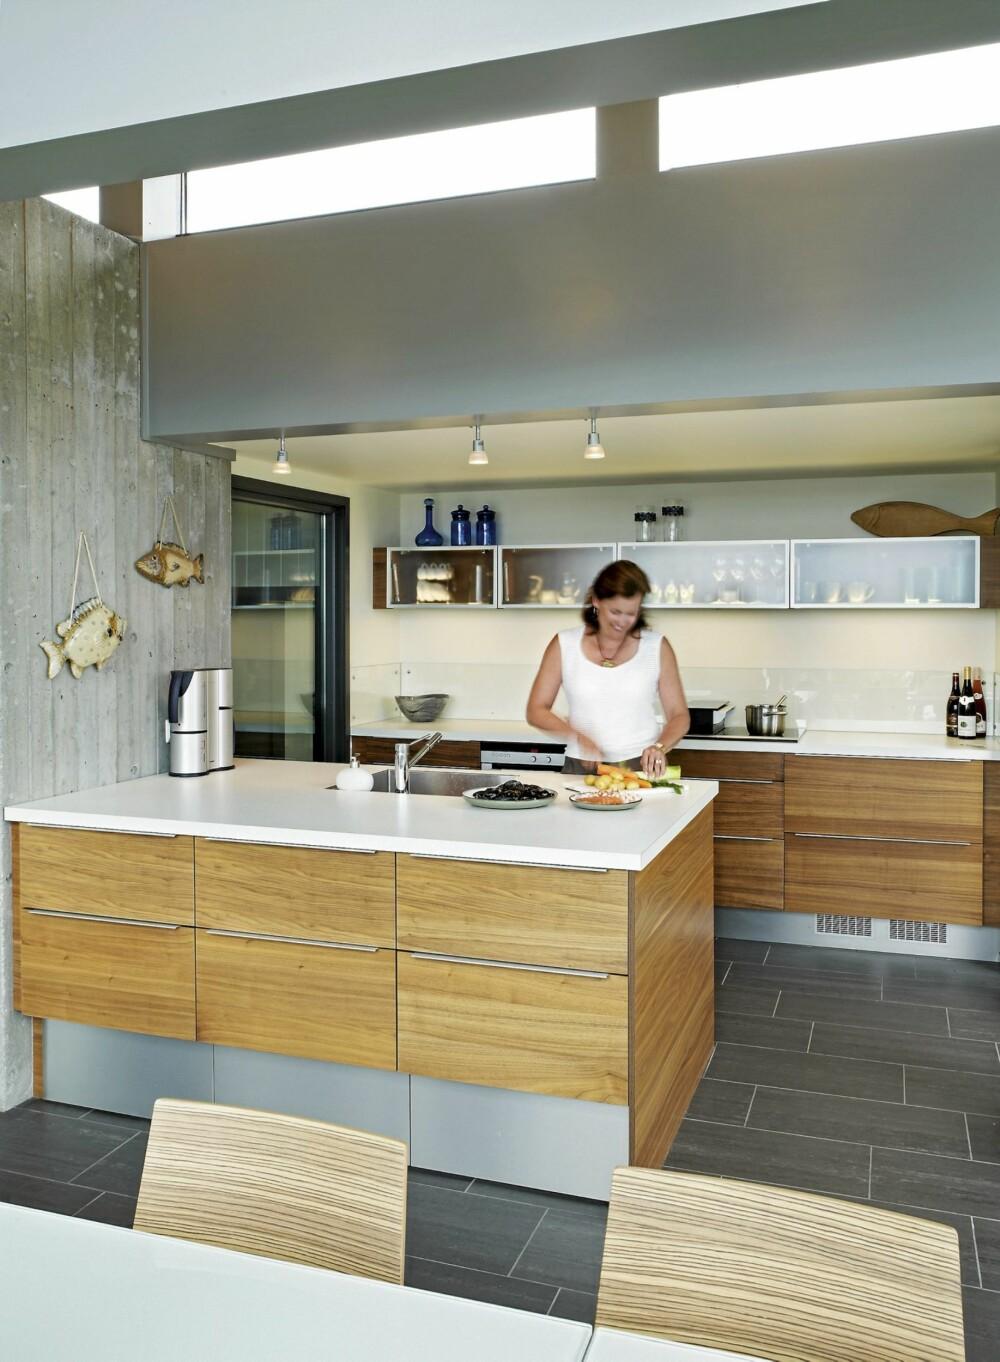 INSPIRERENDE MATLAGING: Kjøkkenet har rene linjer og gode arbeidsforhold. I stedet for tradisjonelt kjøleskap valgte familien kjøleskuffer. Fra taket kommer dagslyset ned på kjøkkenbenken. Kjøkkenet er fra HTH.